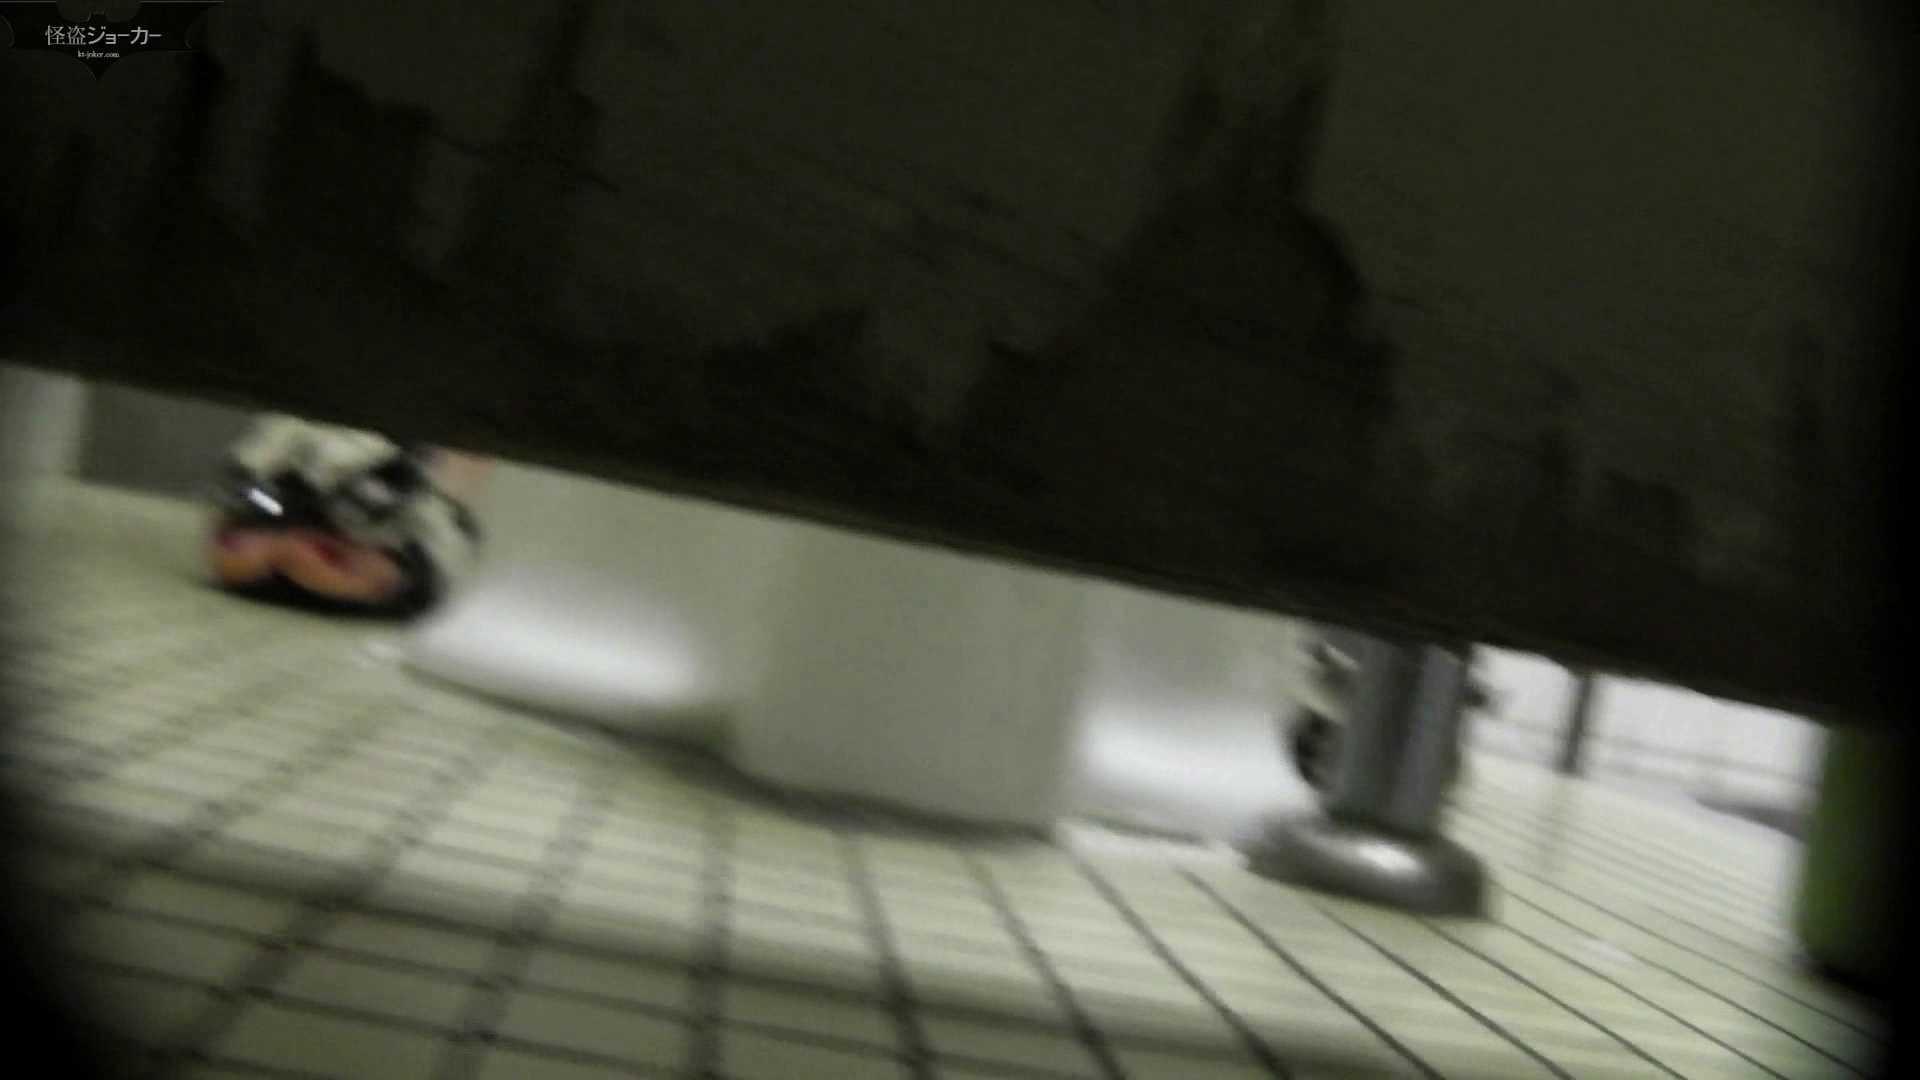 【美しき個室な世界】洗面所特攻隊 vol.051 洗面所  72PIX 52